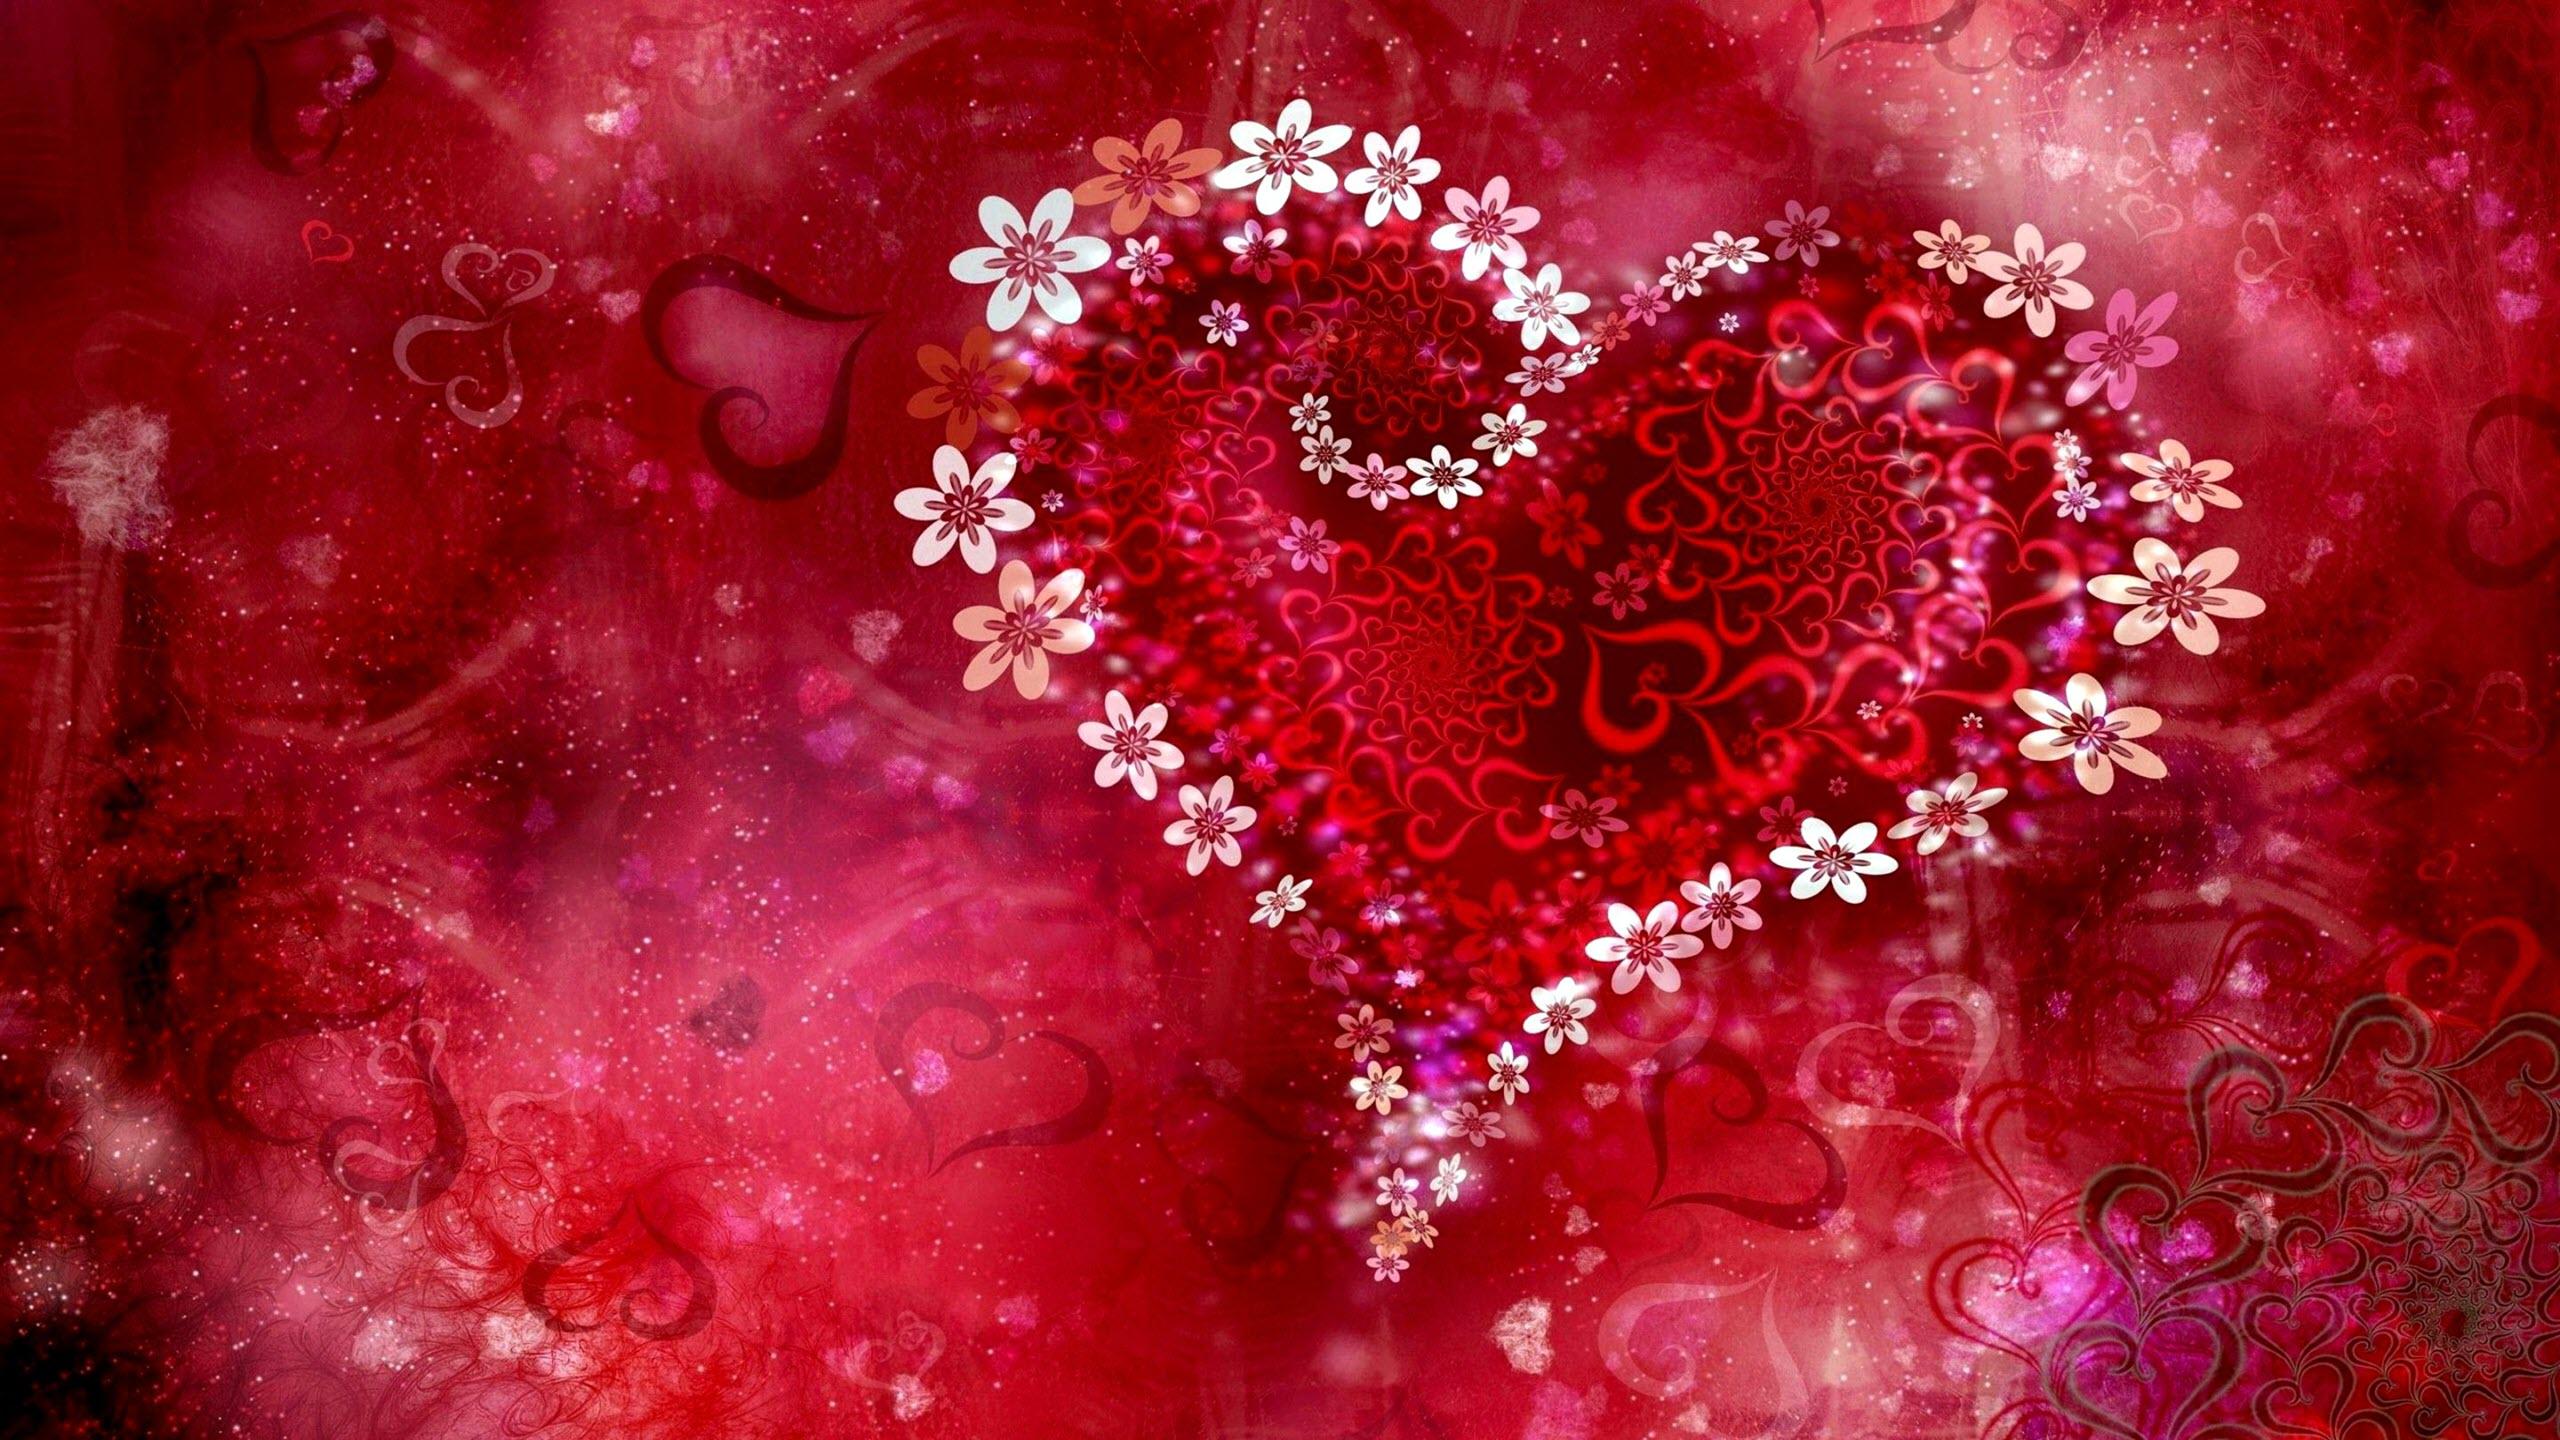 Hình ảnh nền trái tim